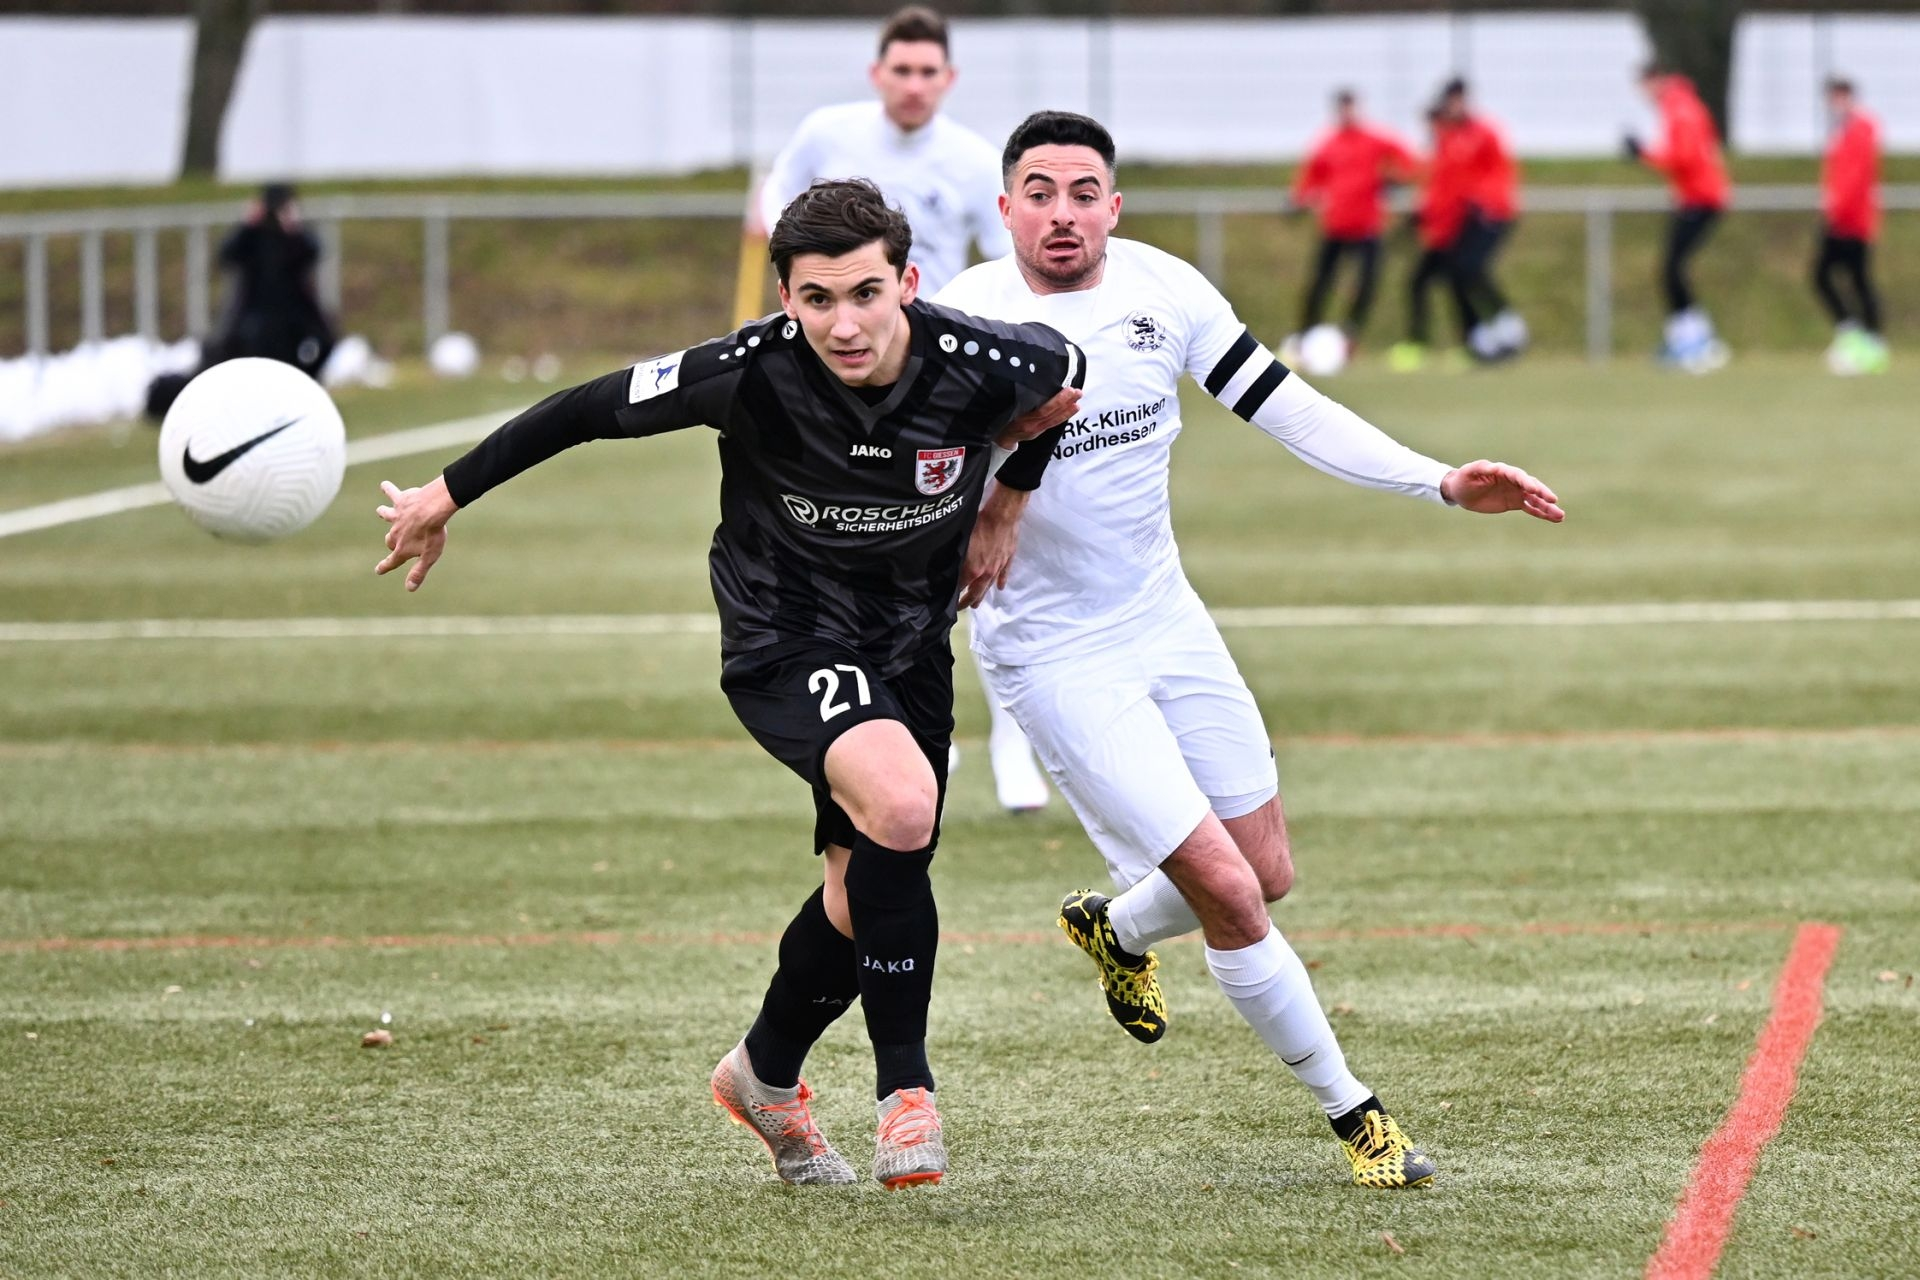 Regionalliga Südwest 2020/21, KSVHessen Kassel, FC Gießen, Endstand 1:1, Adrian Bravo Sanchez